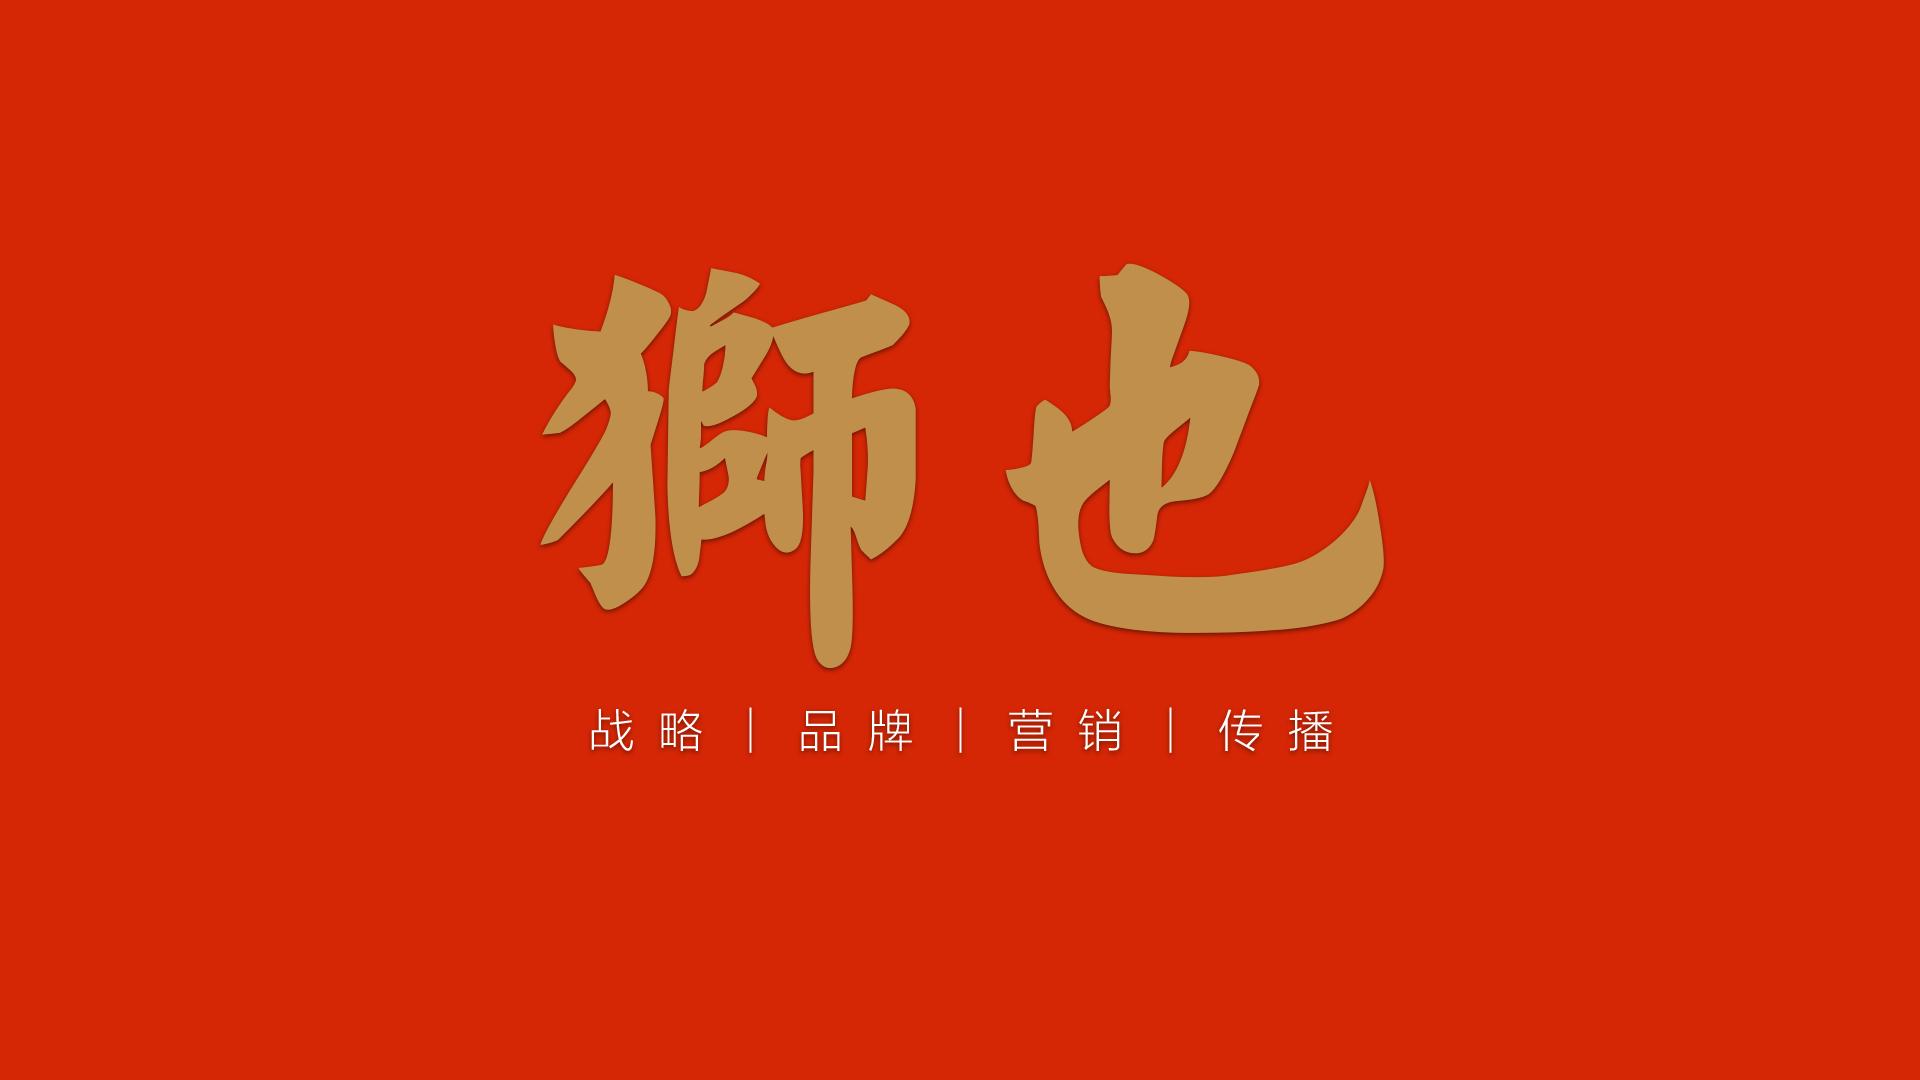 上海营销策划公司—江小白名气比肩茅台,为什么却卖不过老村长?